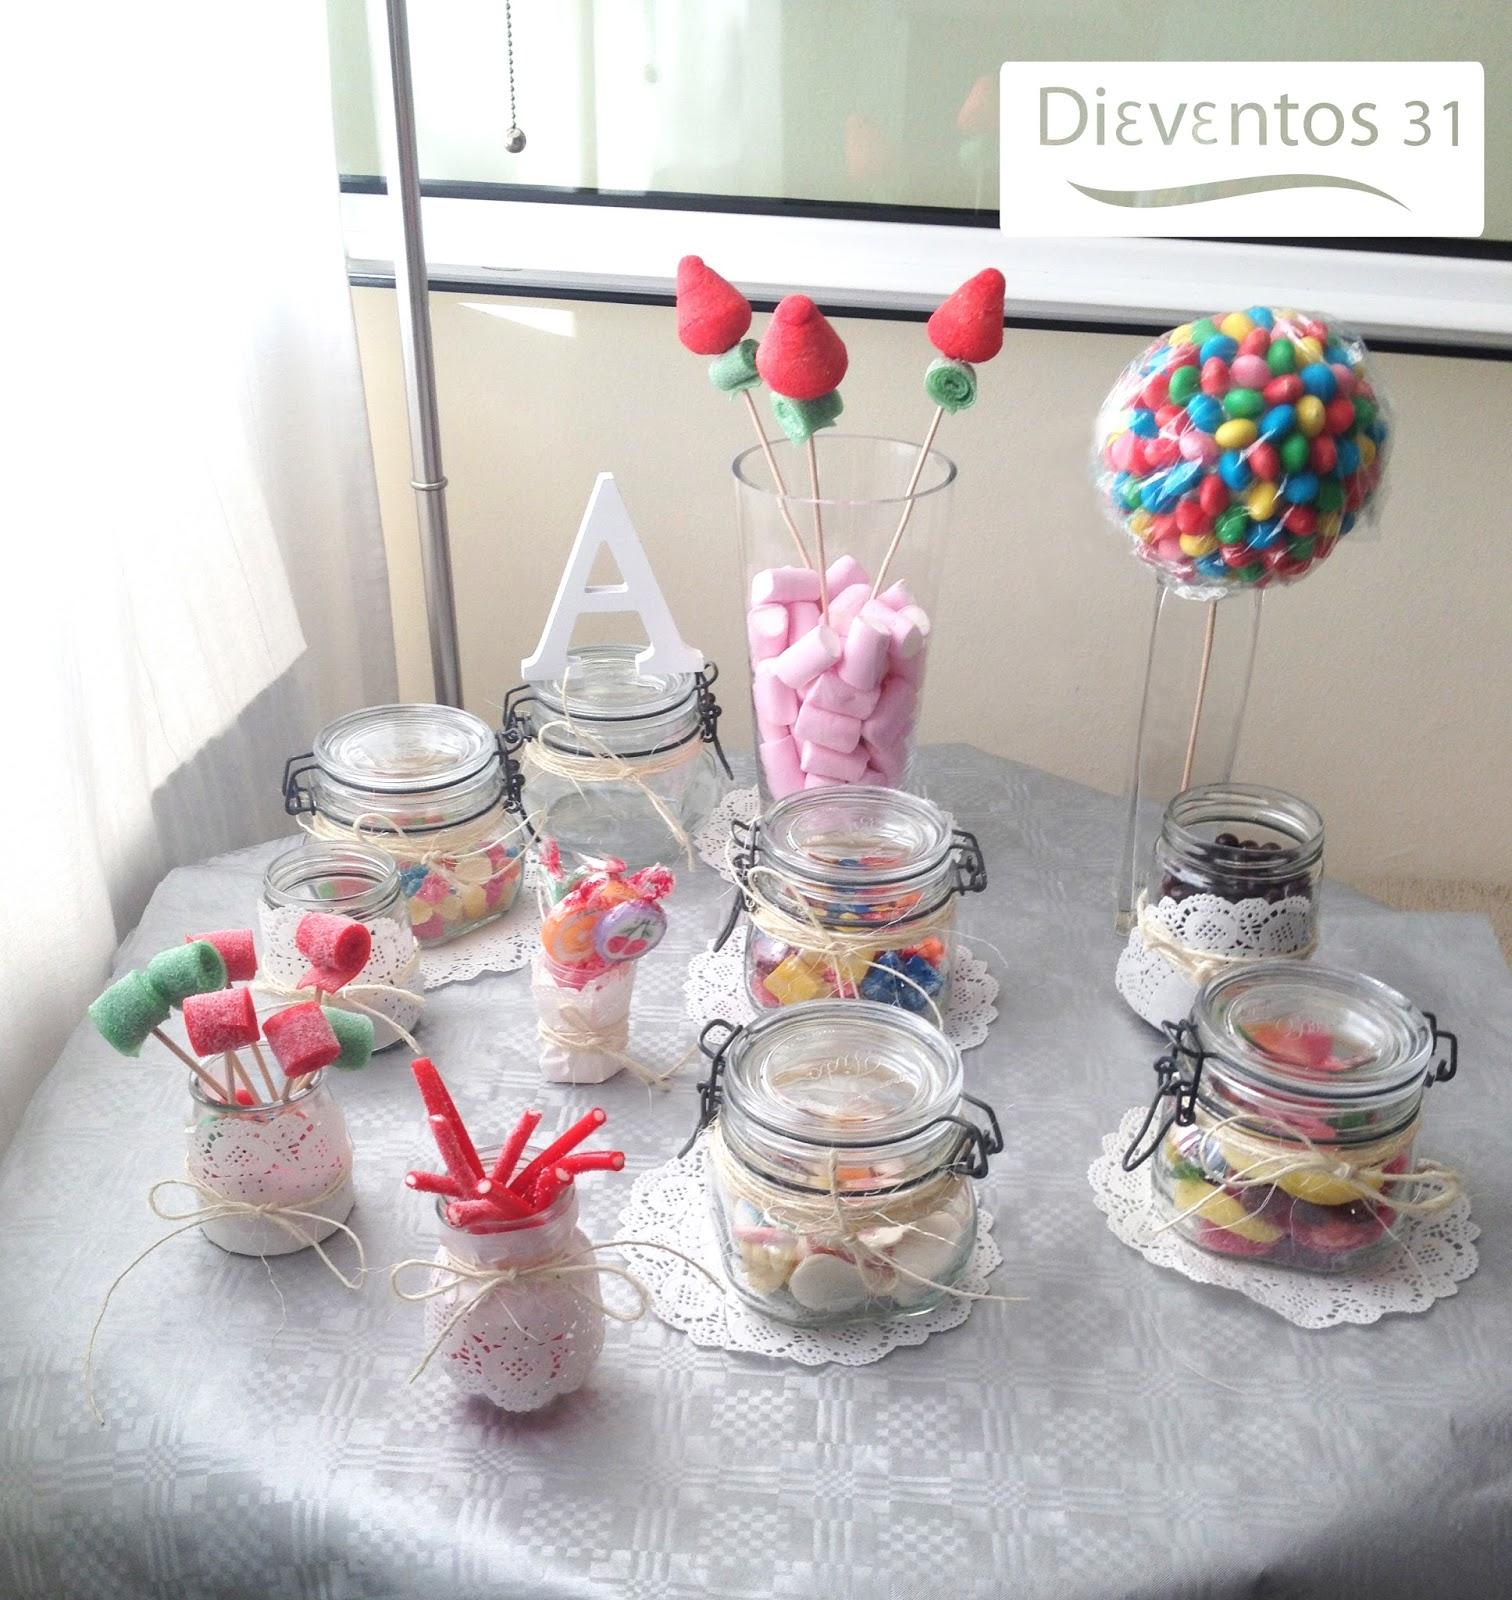 Dieventos 31 decoraci n 18 cumplea os - Decoracion fiesta 18 cumpleanos ...